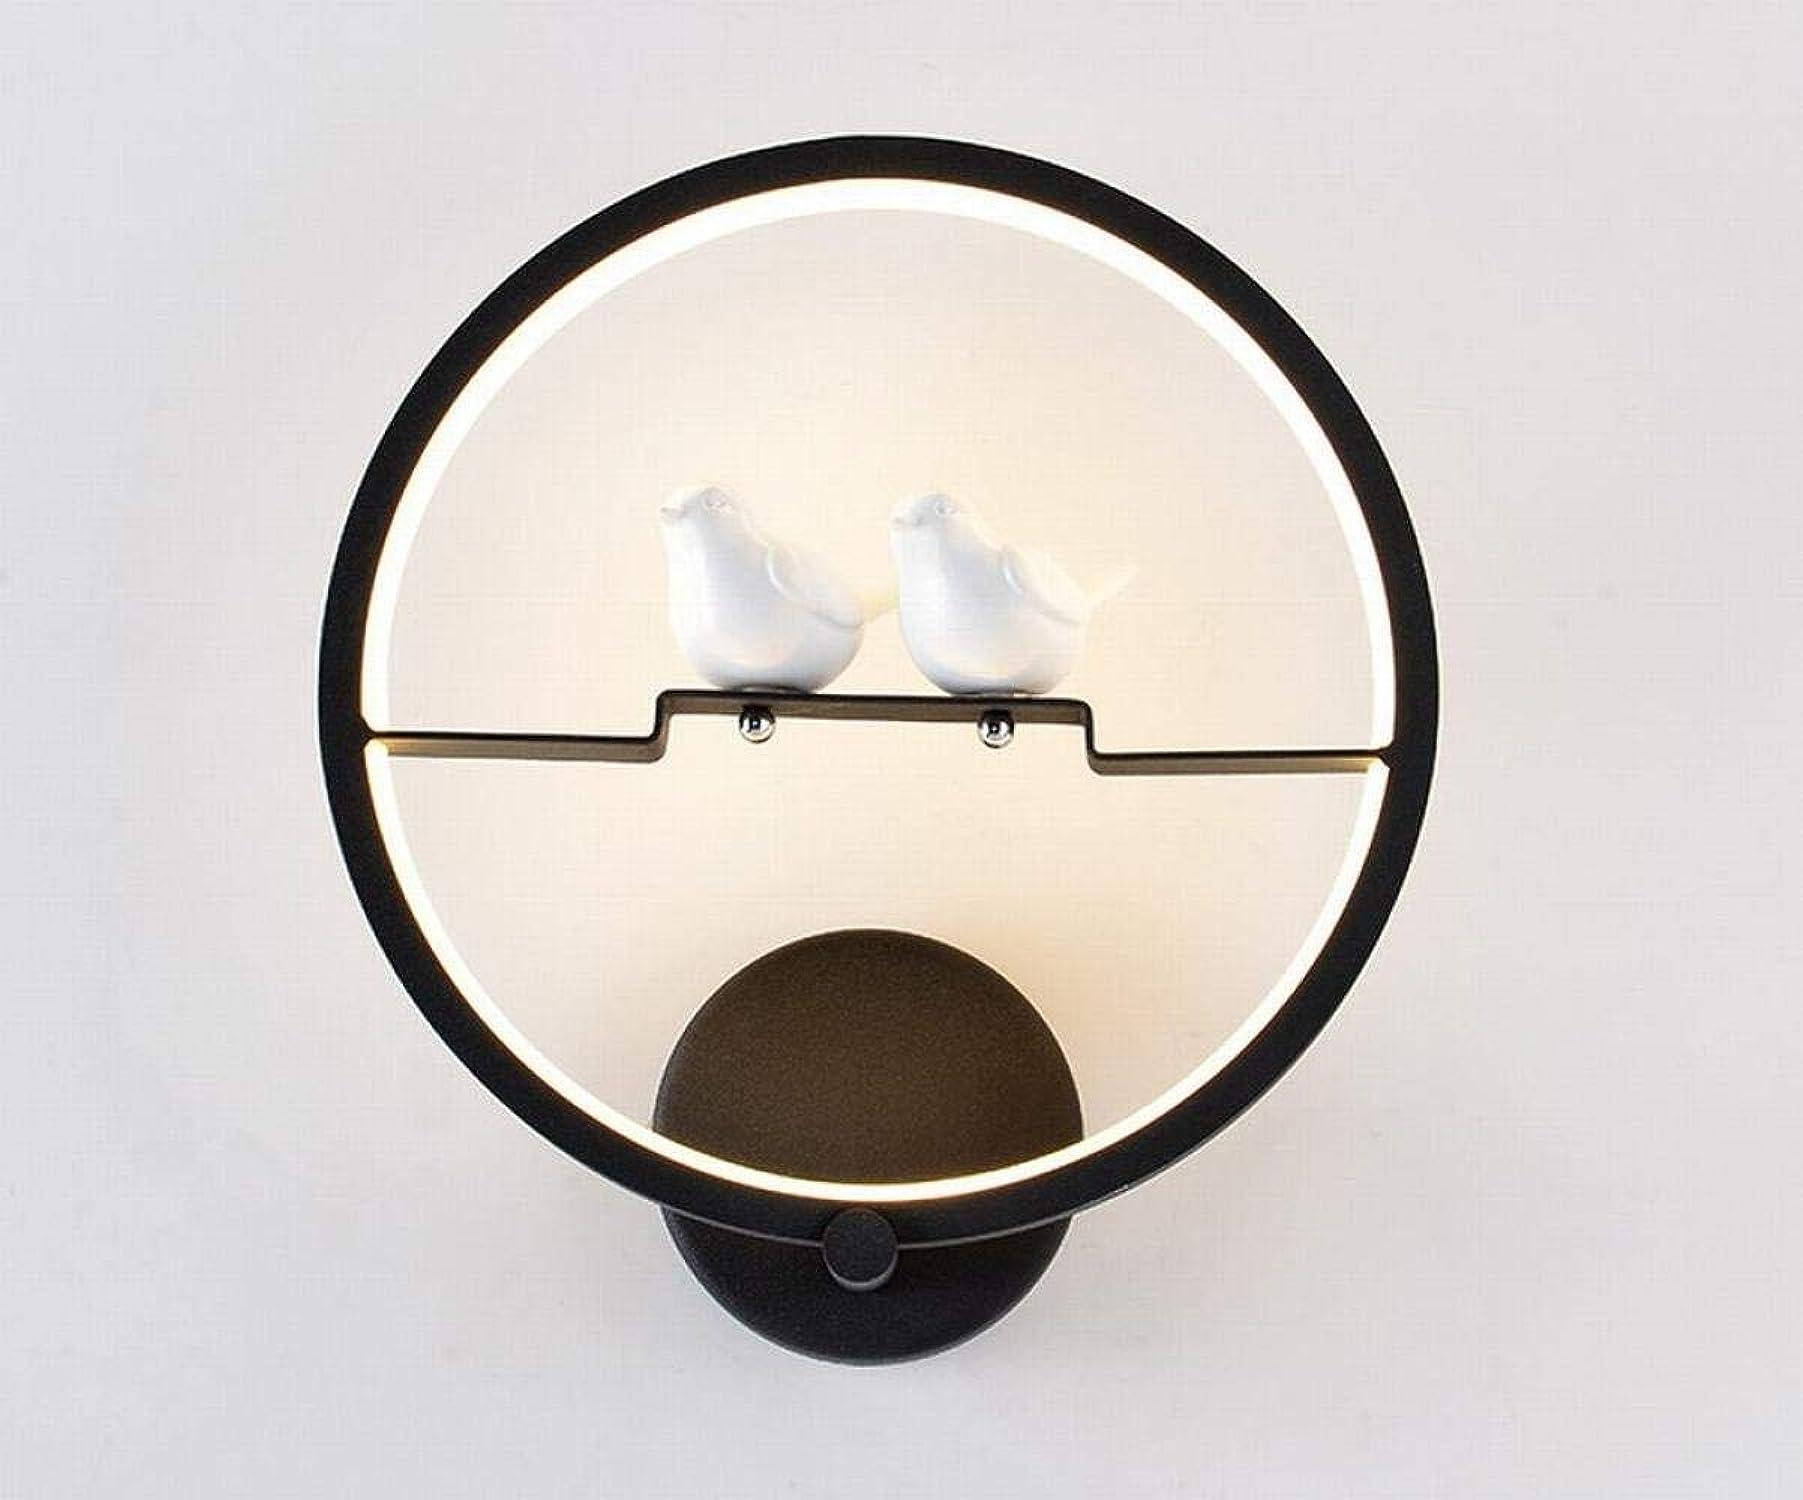 ZYY  Led lampe murale nordique simple mode créatif personnalité salon escalier allée chambre lumières